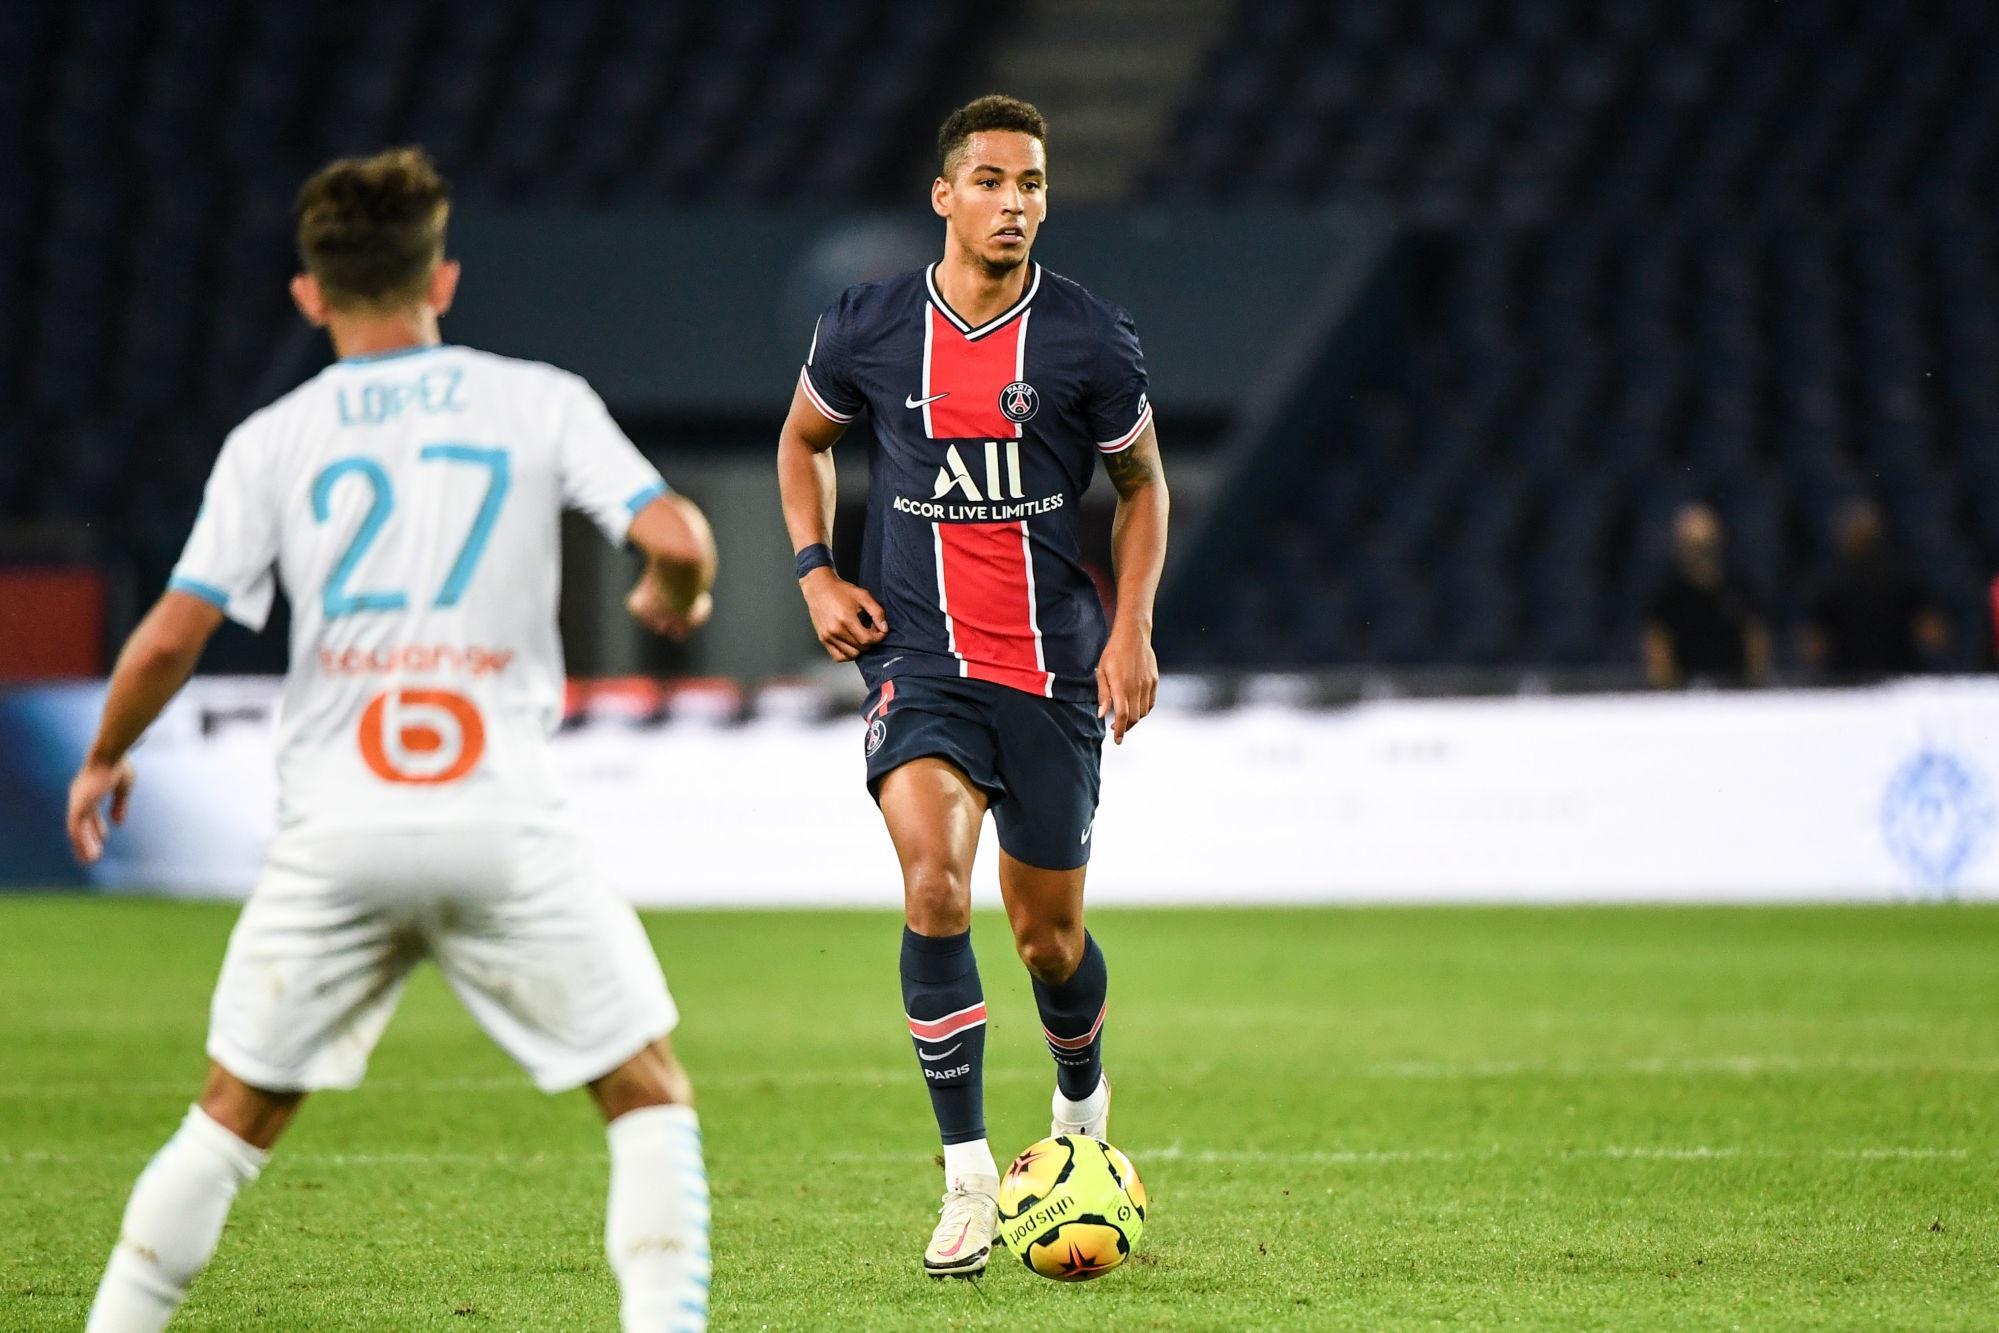 Manchester United/PSG - Kehrer devrait être dans le groupe, selon Le Parisien